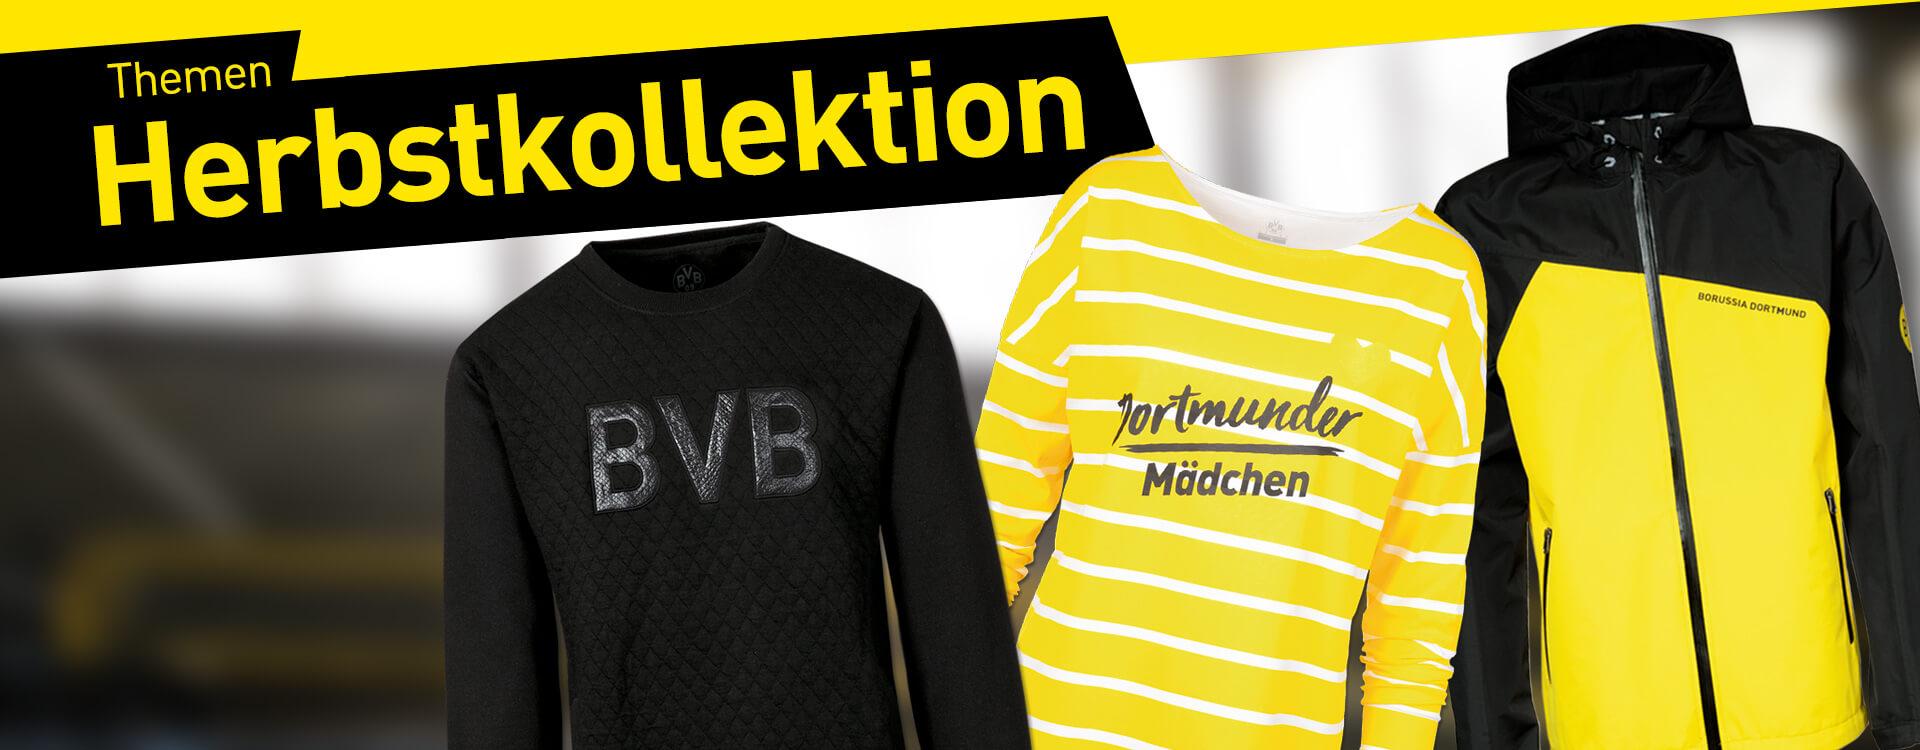 Onlineshop-Kategoriebuehnen-Desktop-1920x750px-Herbstkollektion-2